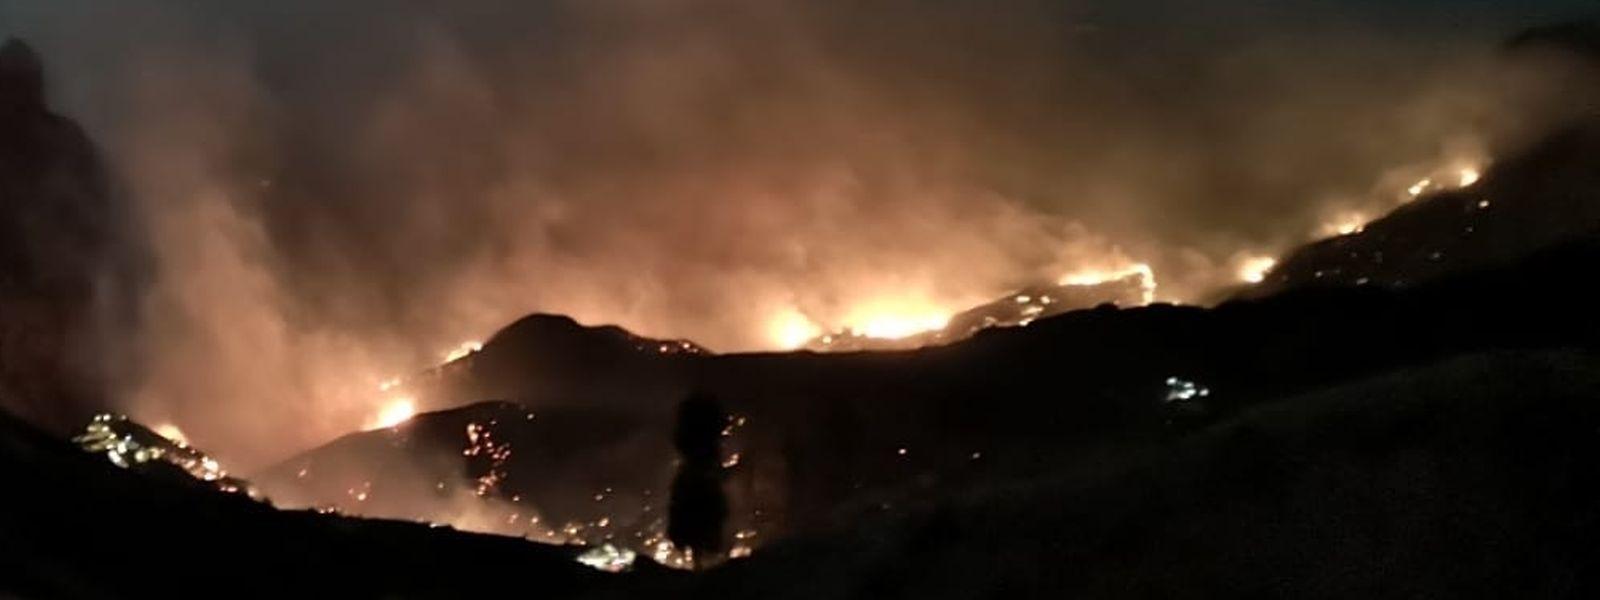 Besonders betroffen sind die Gemeinden Tejeda, Artenara und Gáldar südwestlich der Hauptstadt Las Palmas.